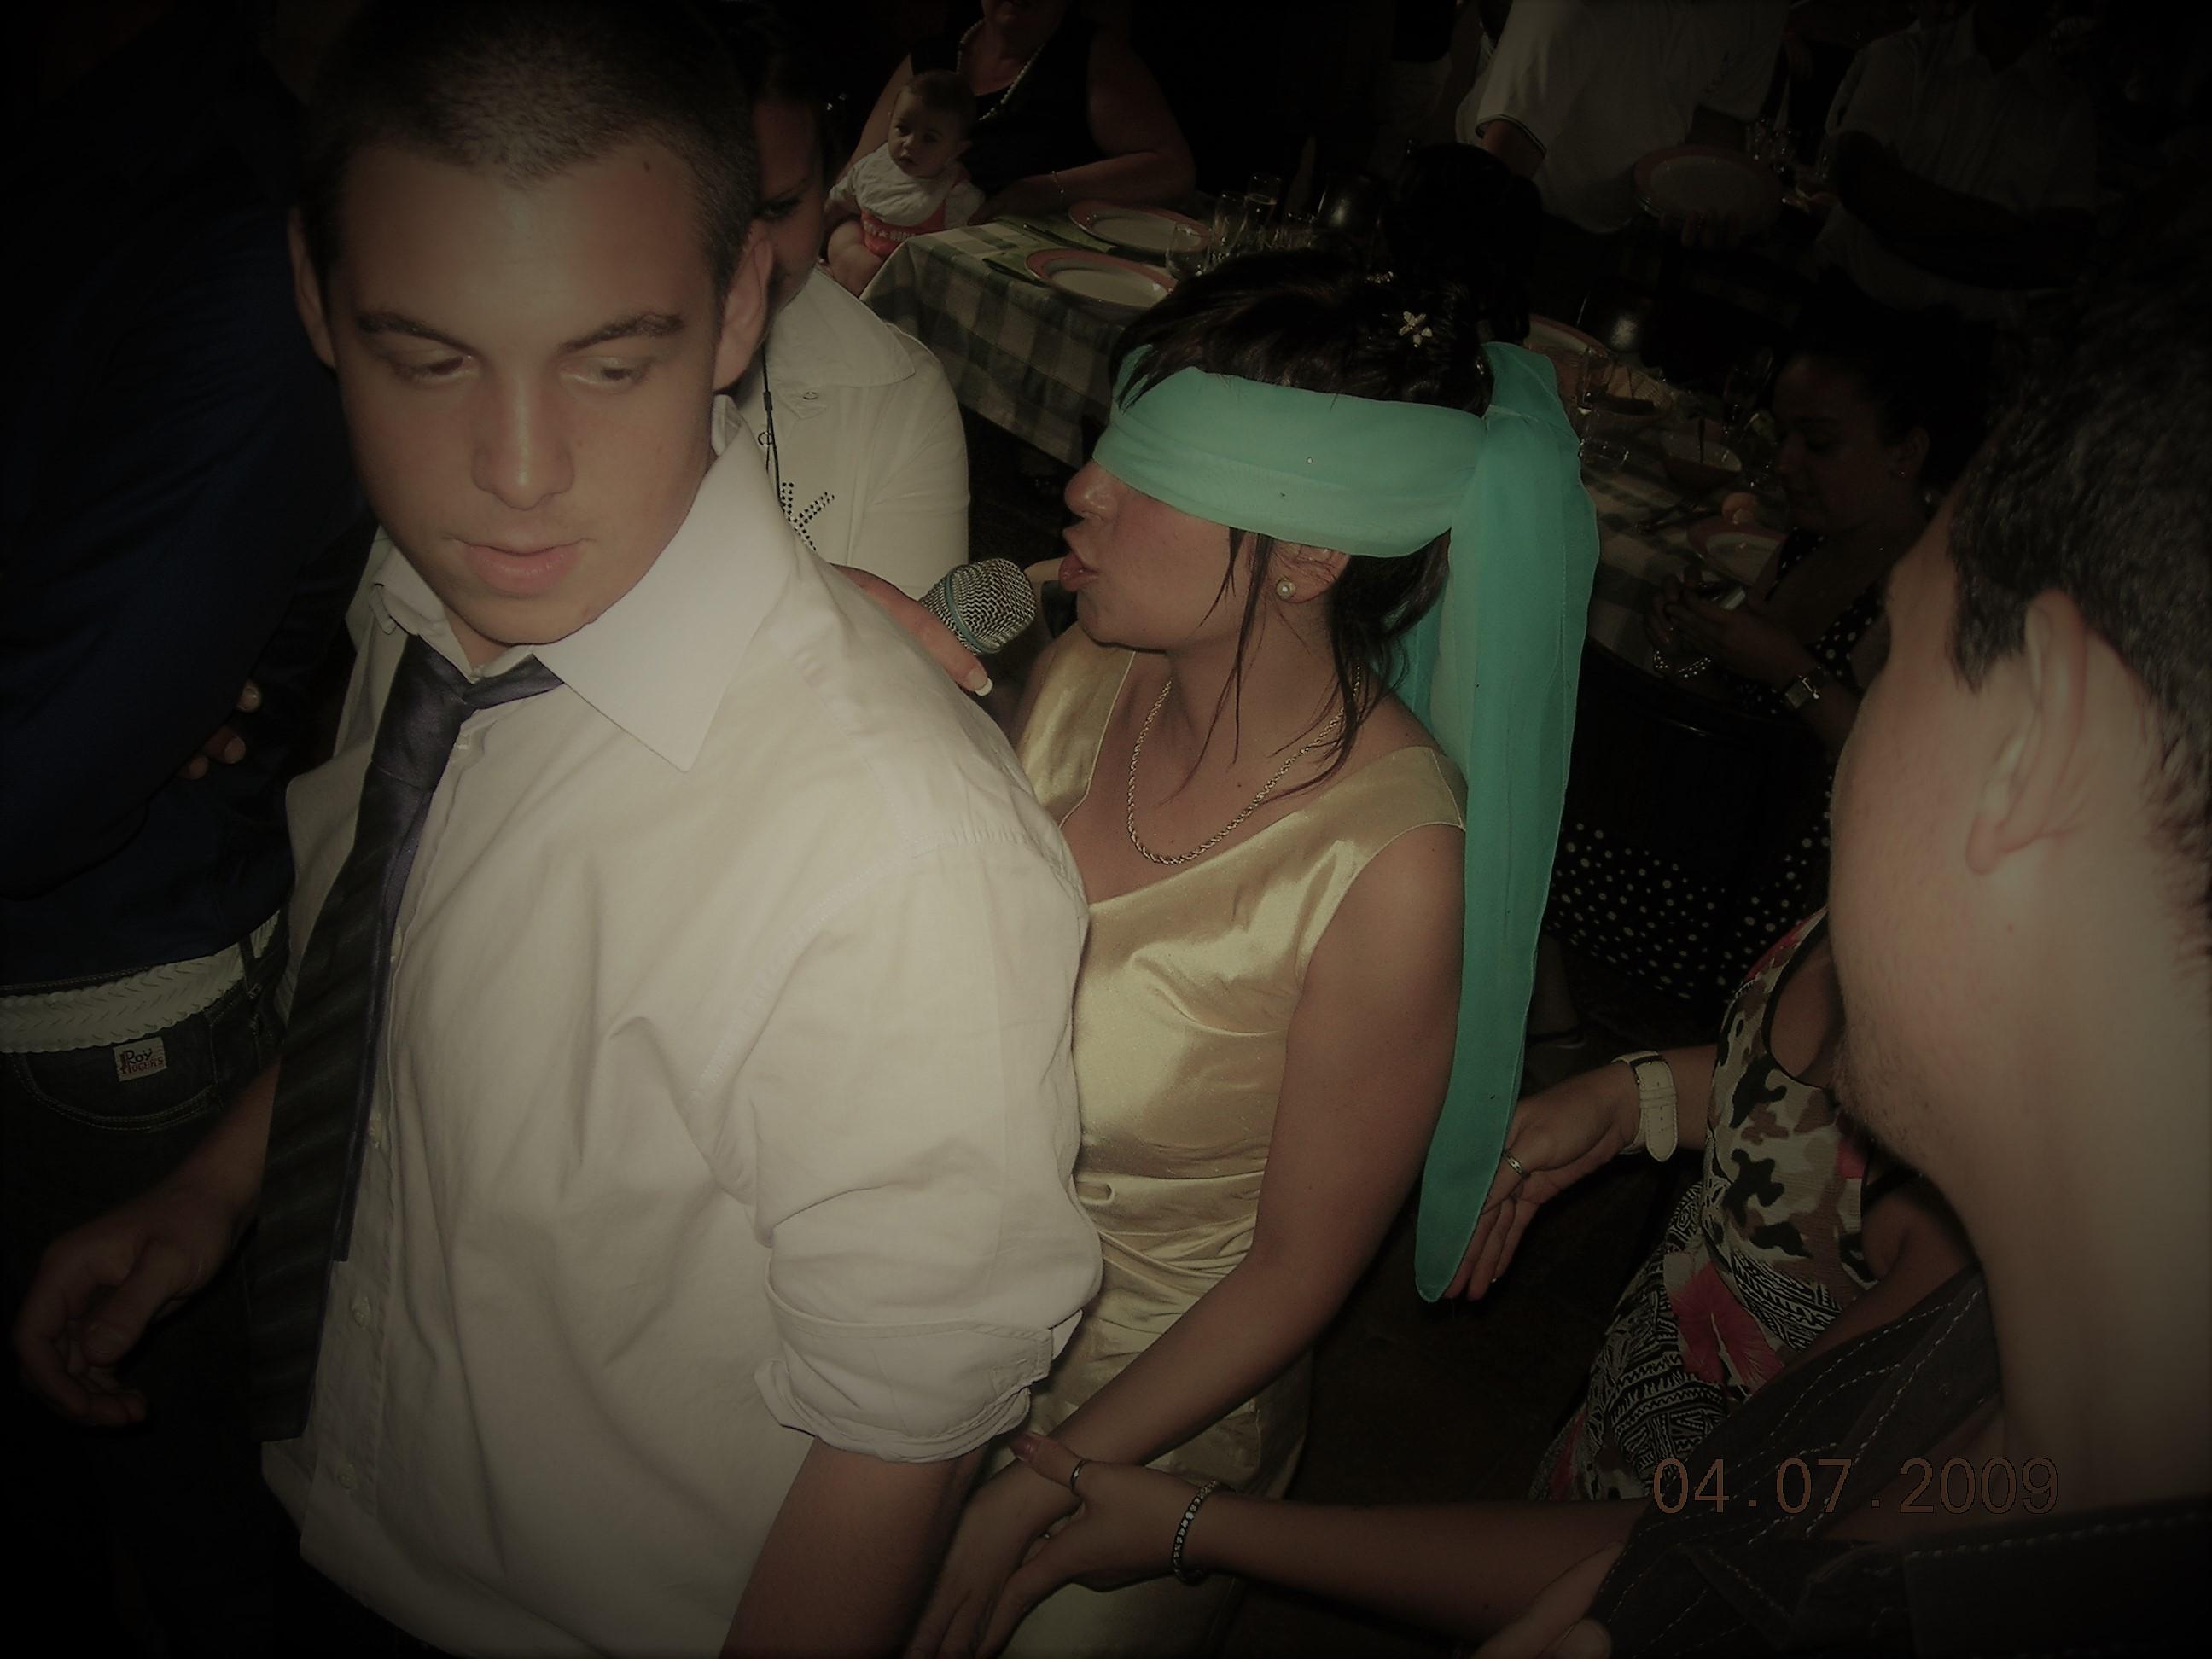 Oscar e Emanuela 04.07.2009 - 070.JPG